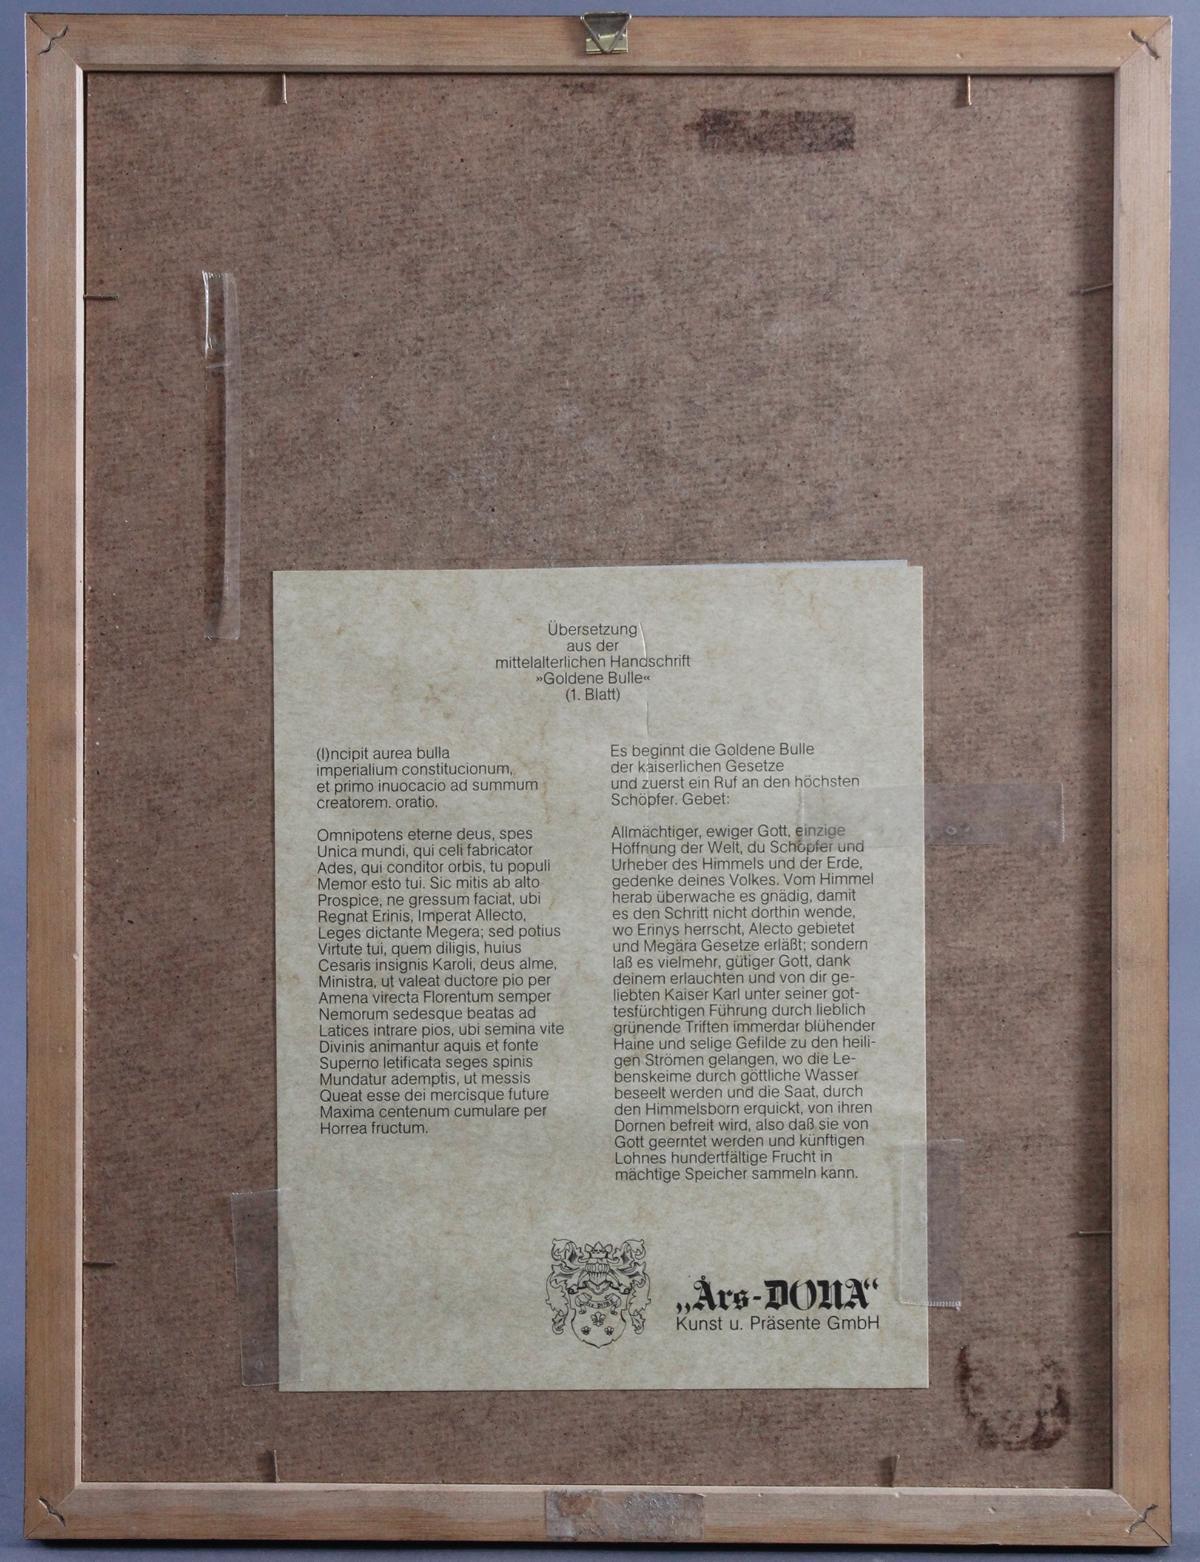 Faksimile-Titelblatt der Goldenen Bulle anno 1356-3